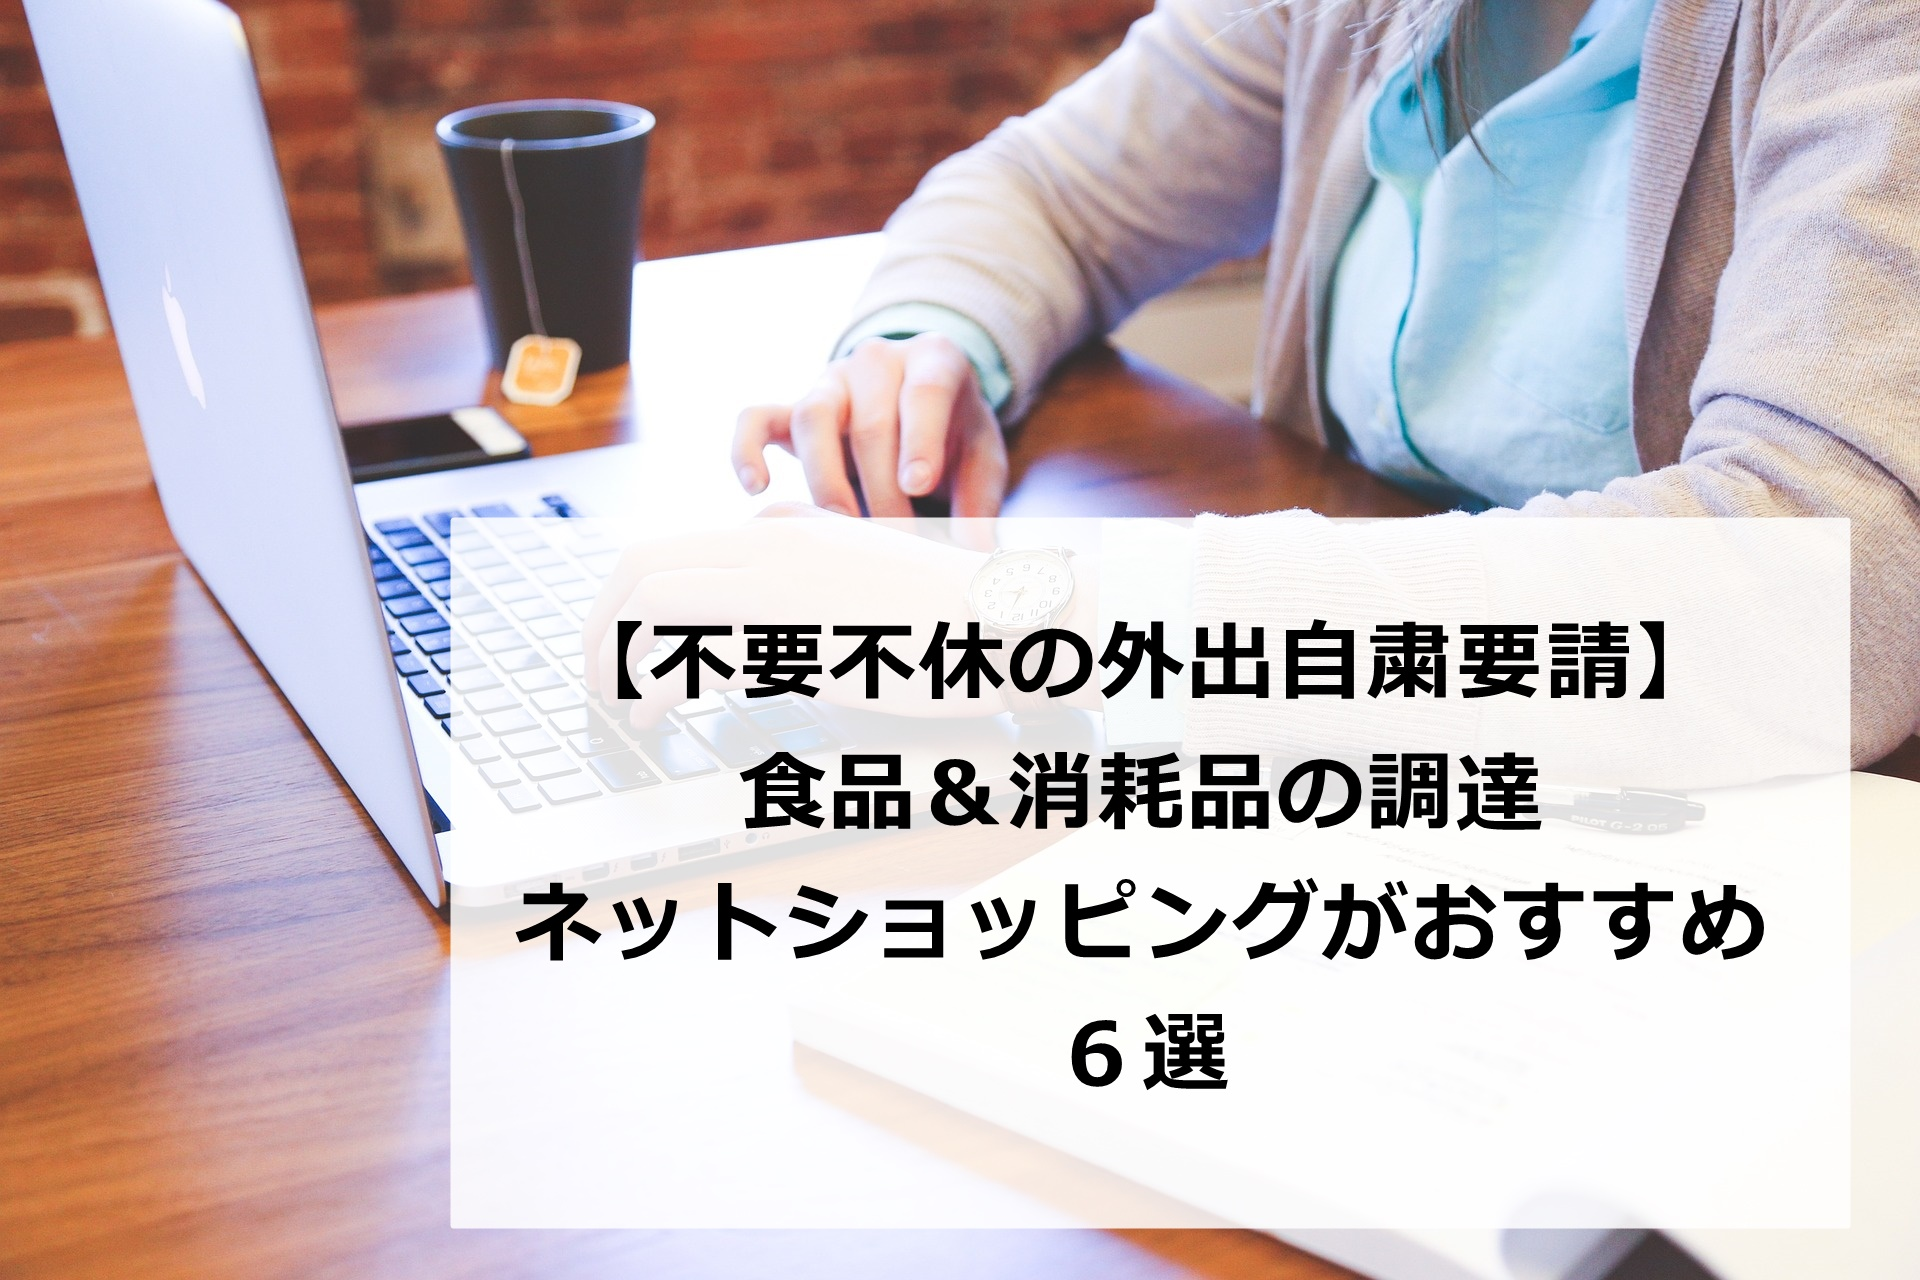 【新型コロナ】自粛で食品&消耗品調達に困ったらネットショッピングが便利!!おすすめ6選